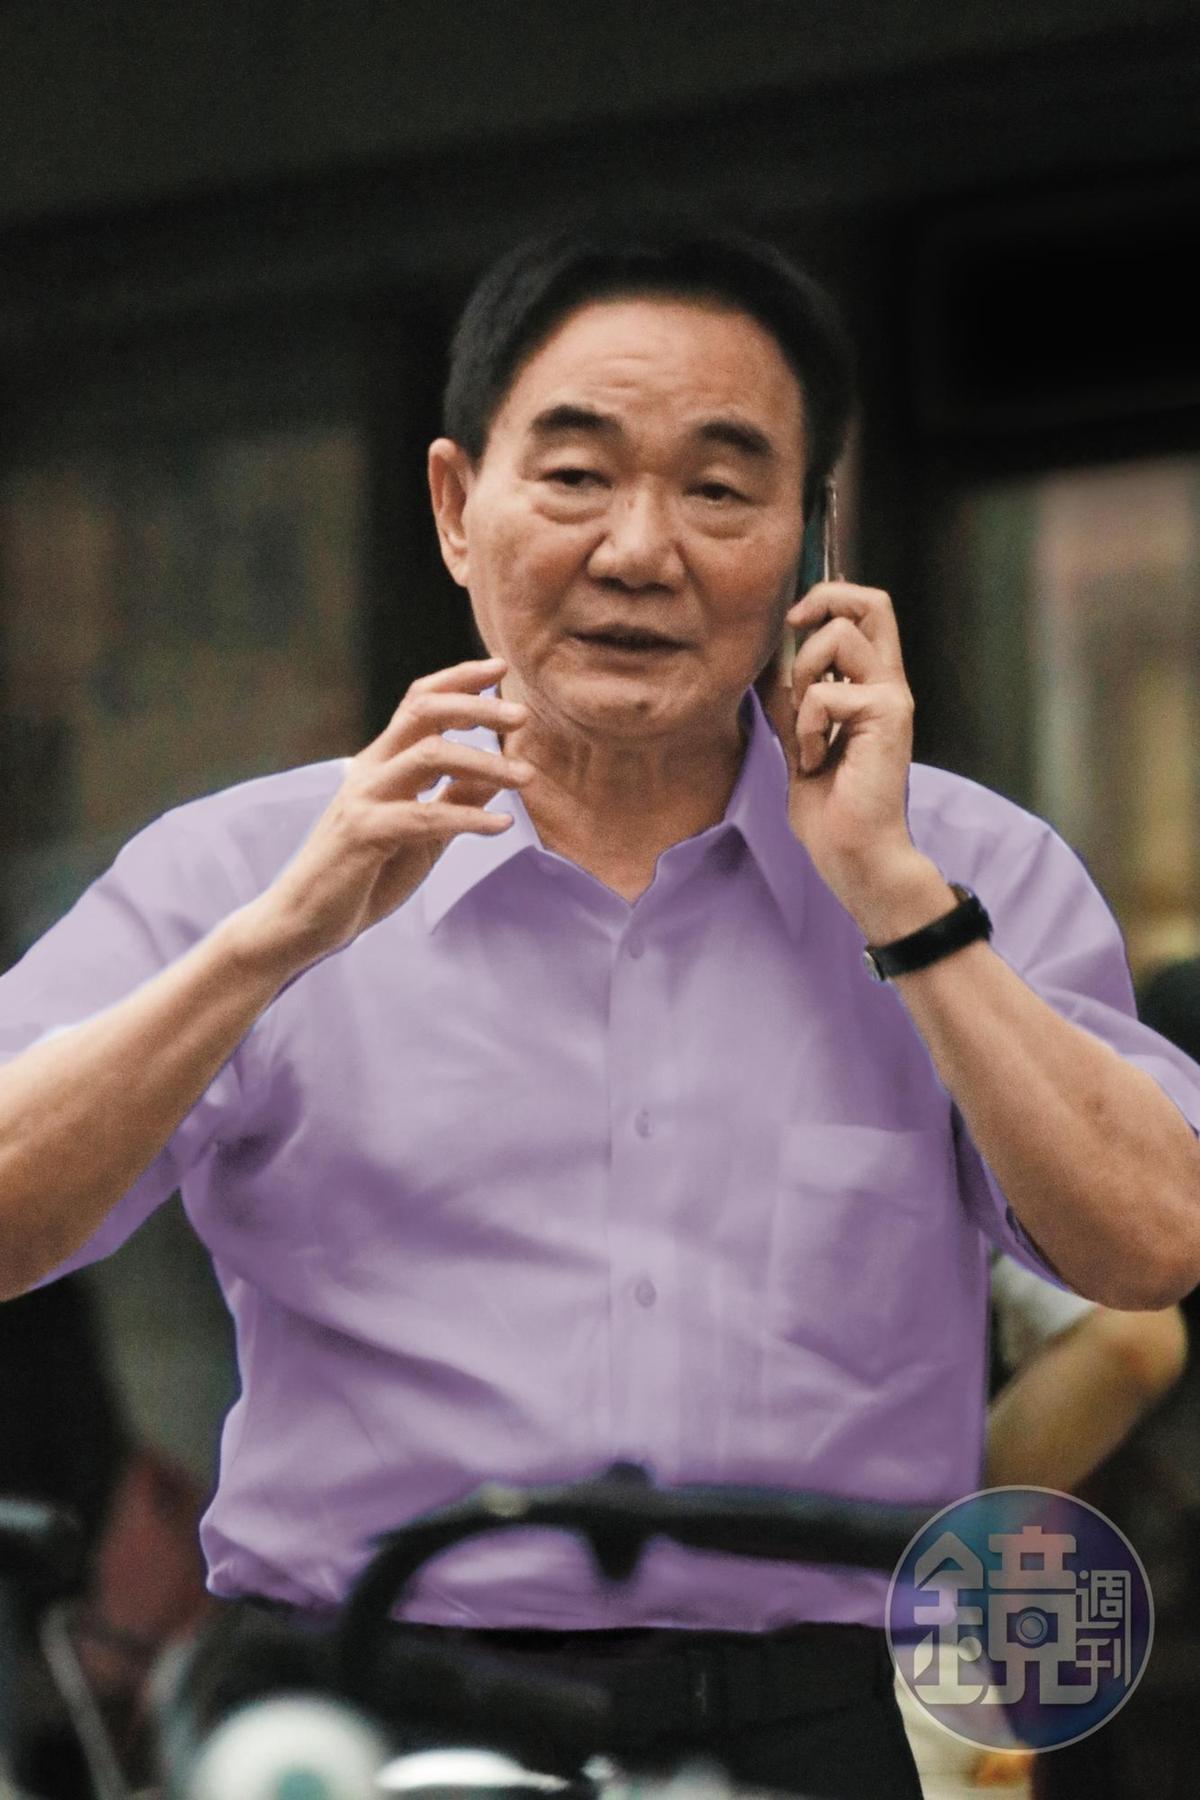 台商鄭文逸曾在永豐金前董事長何壽川牽線下和林郭文艷談判,要林郭夫妻只有一人能當董事。